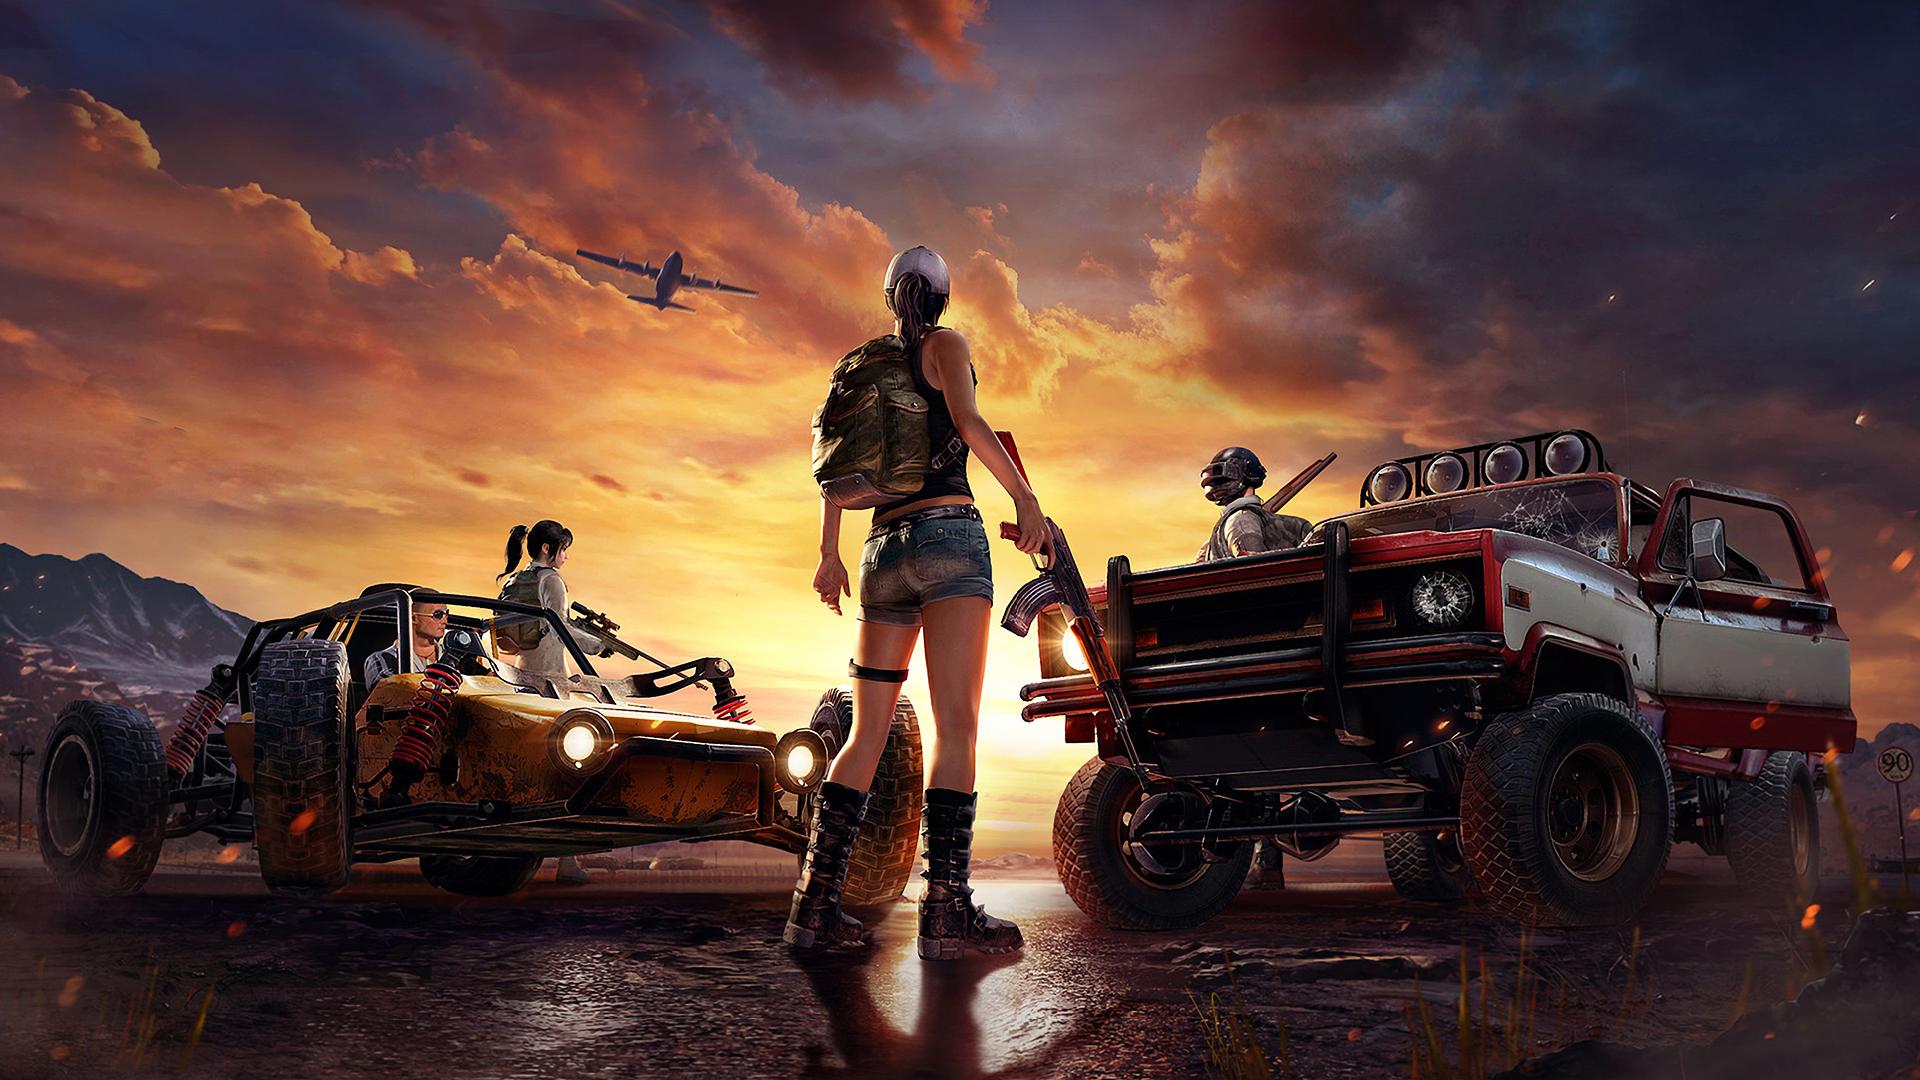 playerunknowns battlegrounds 1080p pubg mobile hd wallpaper